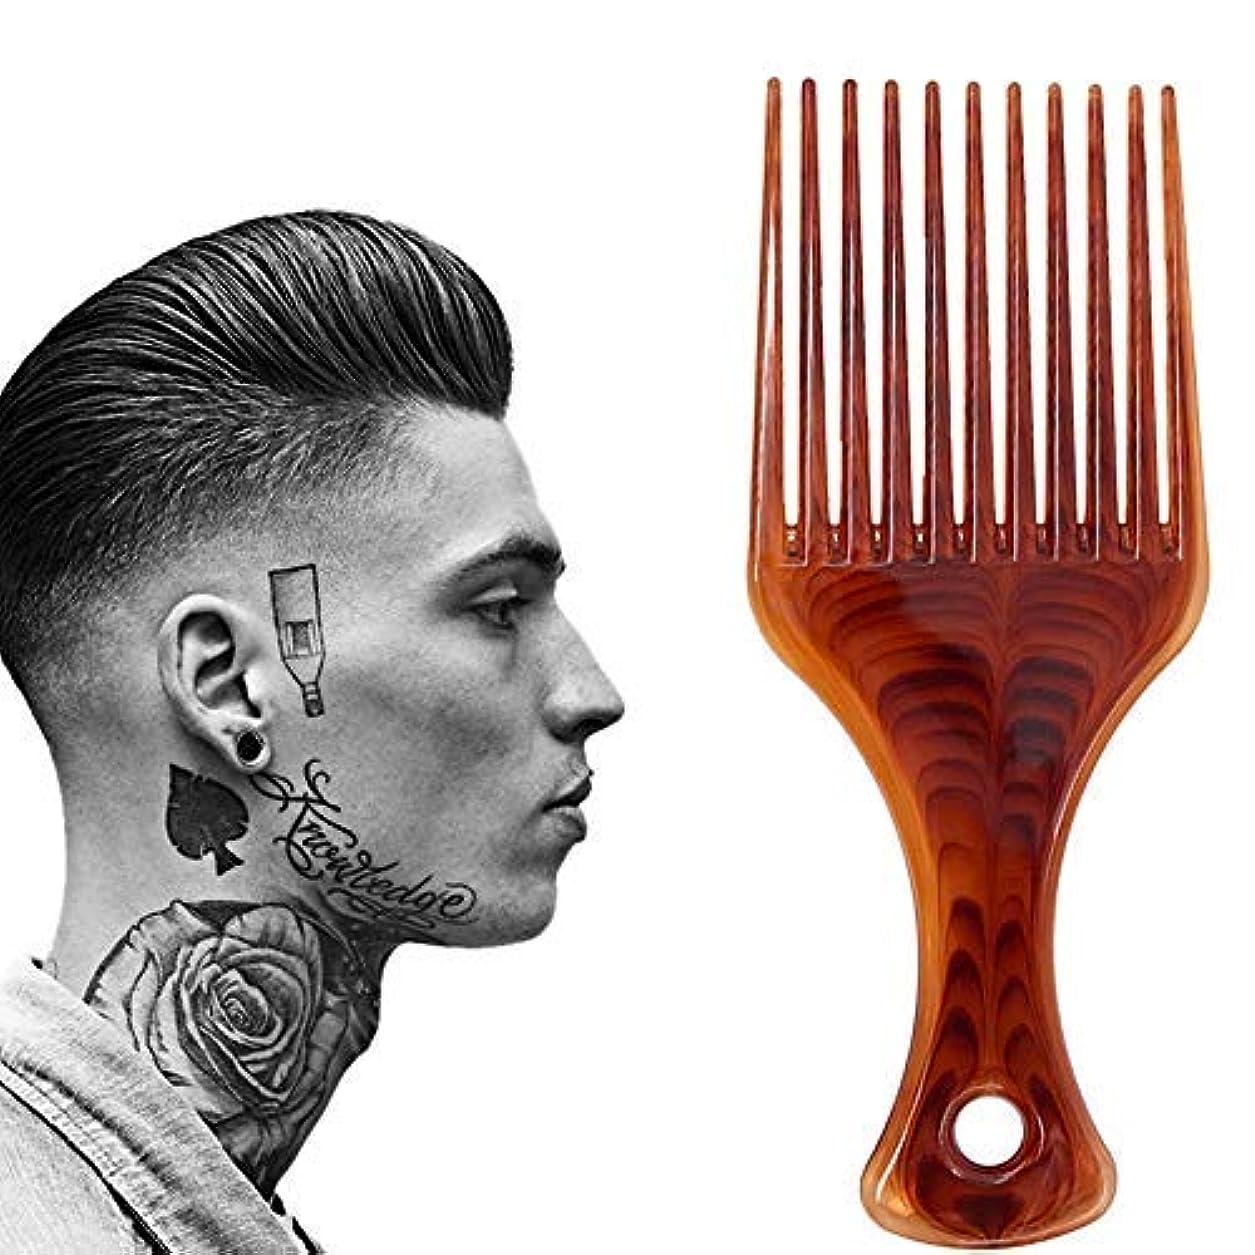 鋭く女の子帰するLightweight Afro Comb,Amber Afro Pick Hair Comb,Plastic Hair Brushes for Man & Woman Hairdressing Styling [並行輸入品]